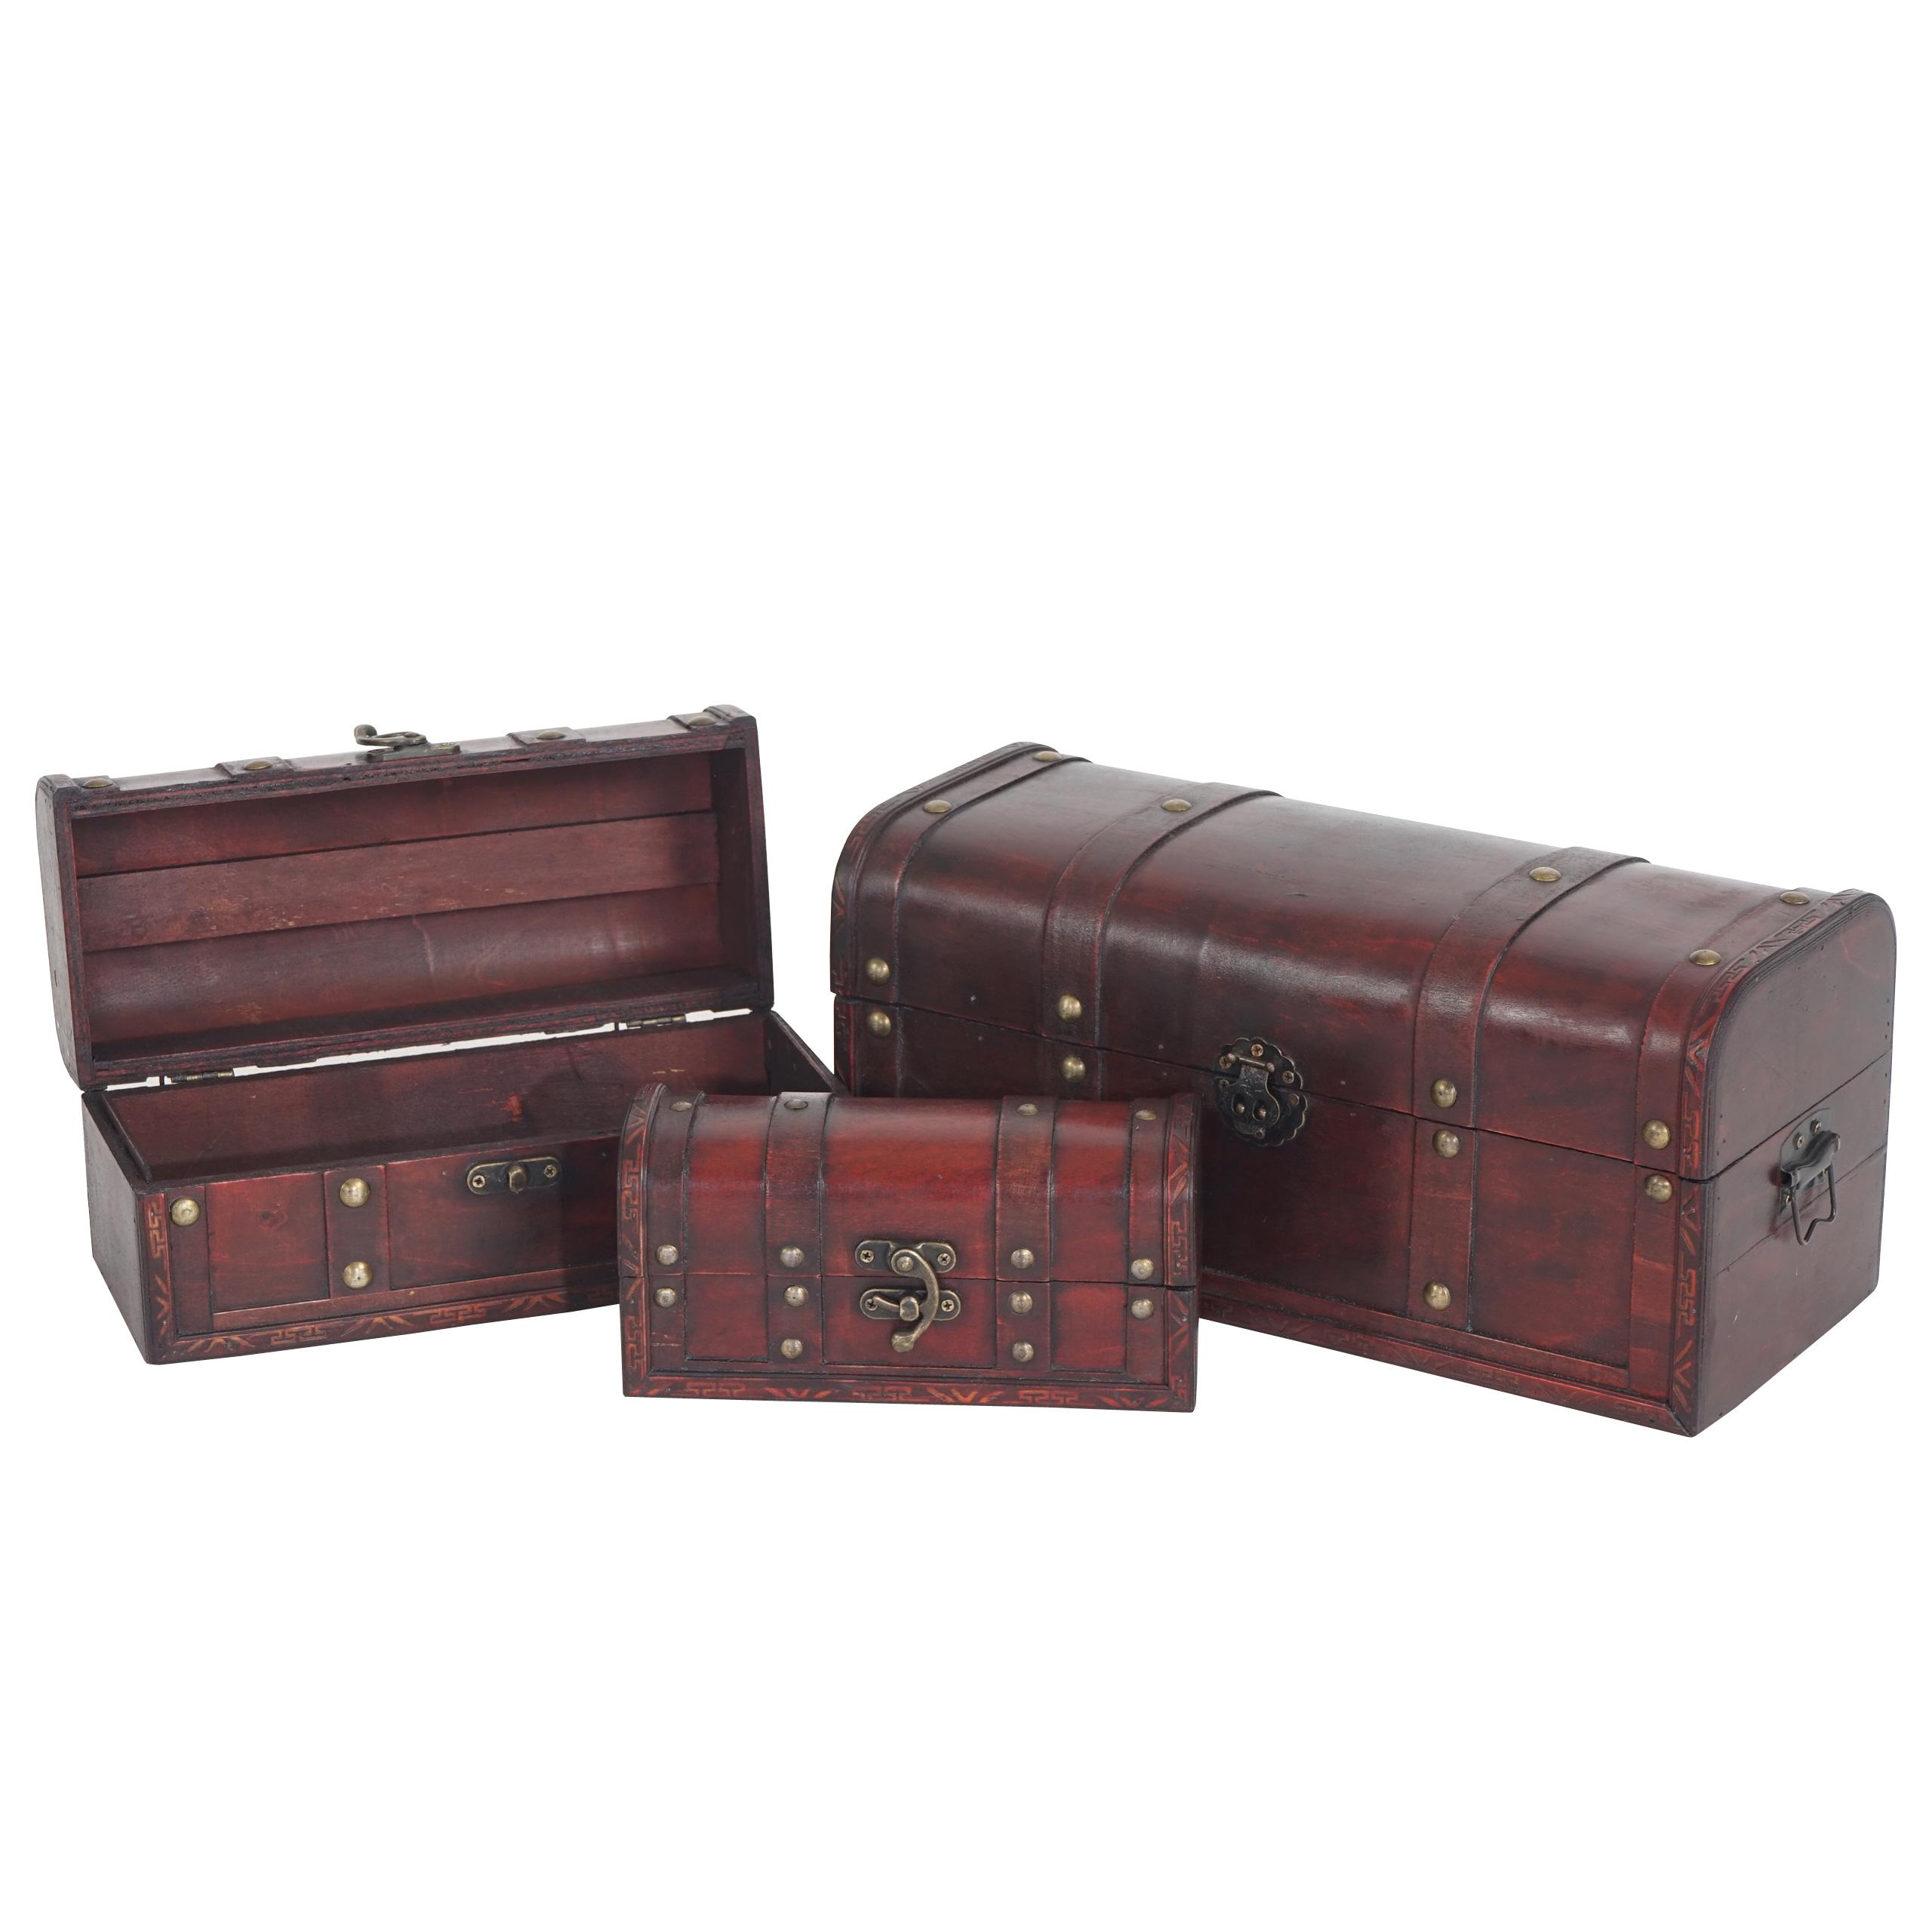 Mendler 3er Set Holztruhe Geschenkbox Holzbox Schatztruhe Valence Antikoptik 10x21x10 bis 17x38x18cm ~ Varia 34229+34230+34231